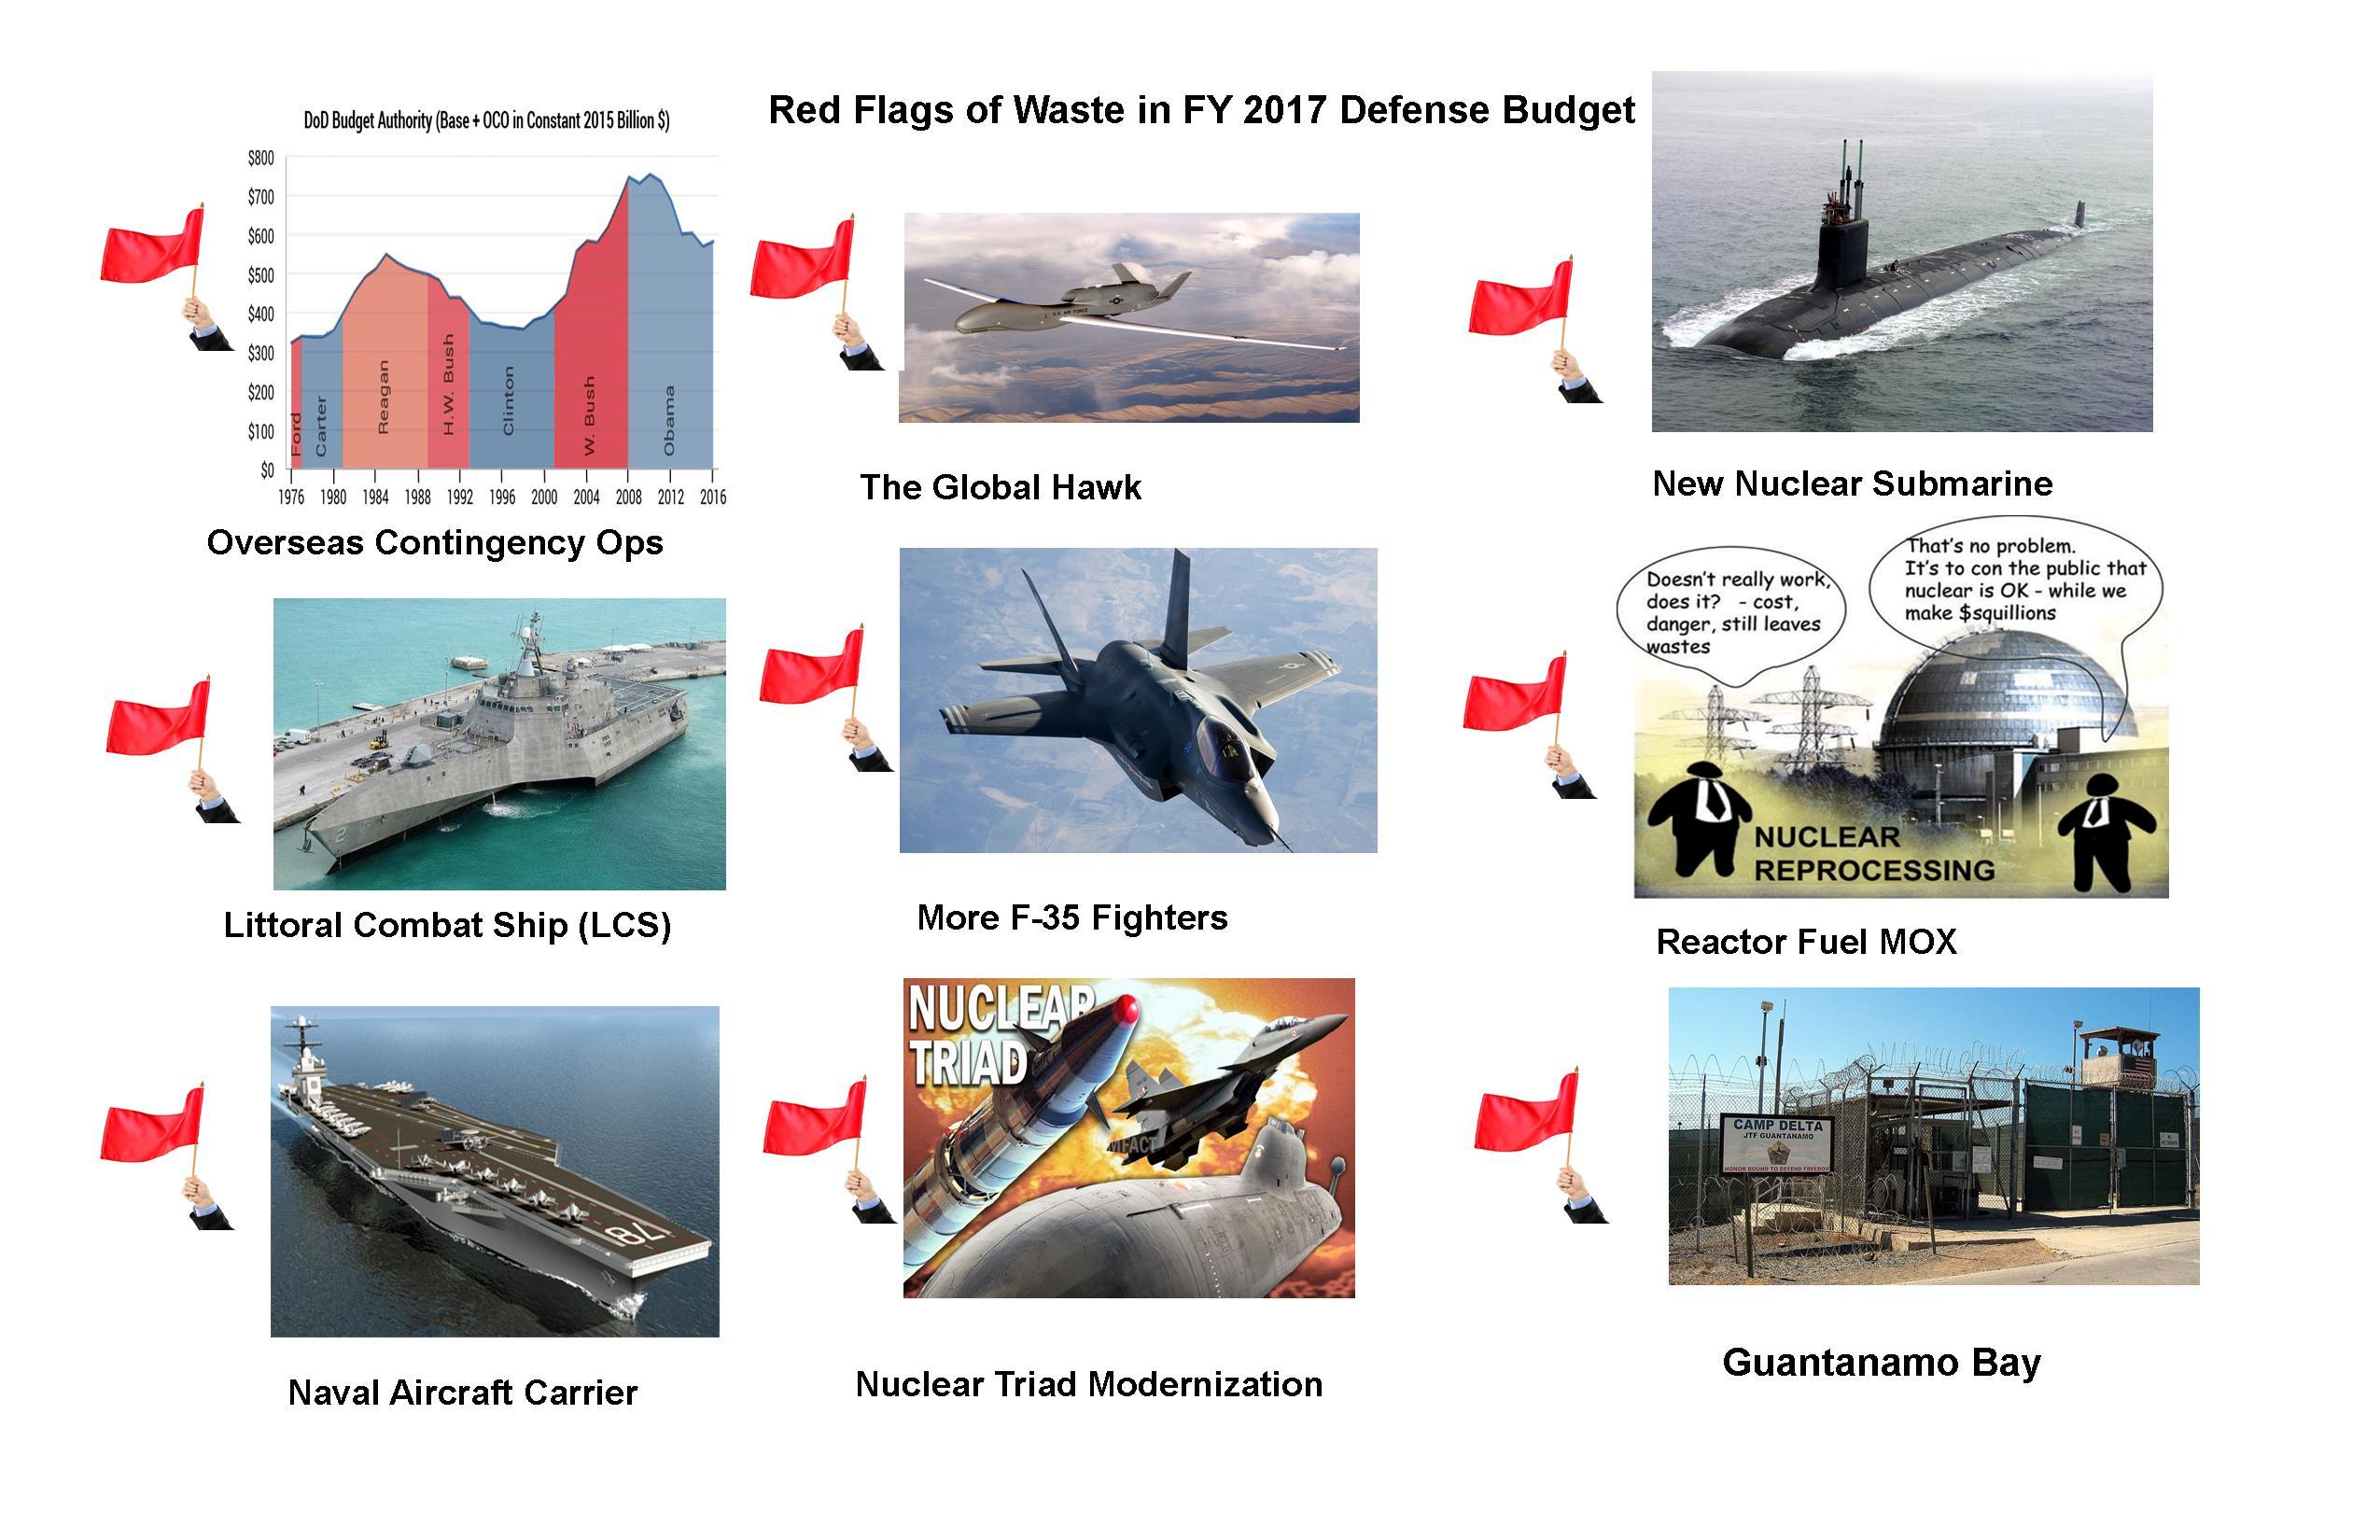 FY 2017 Defense Waste